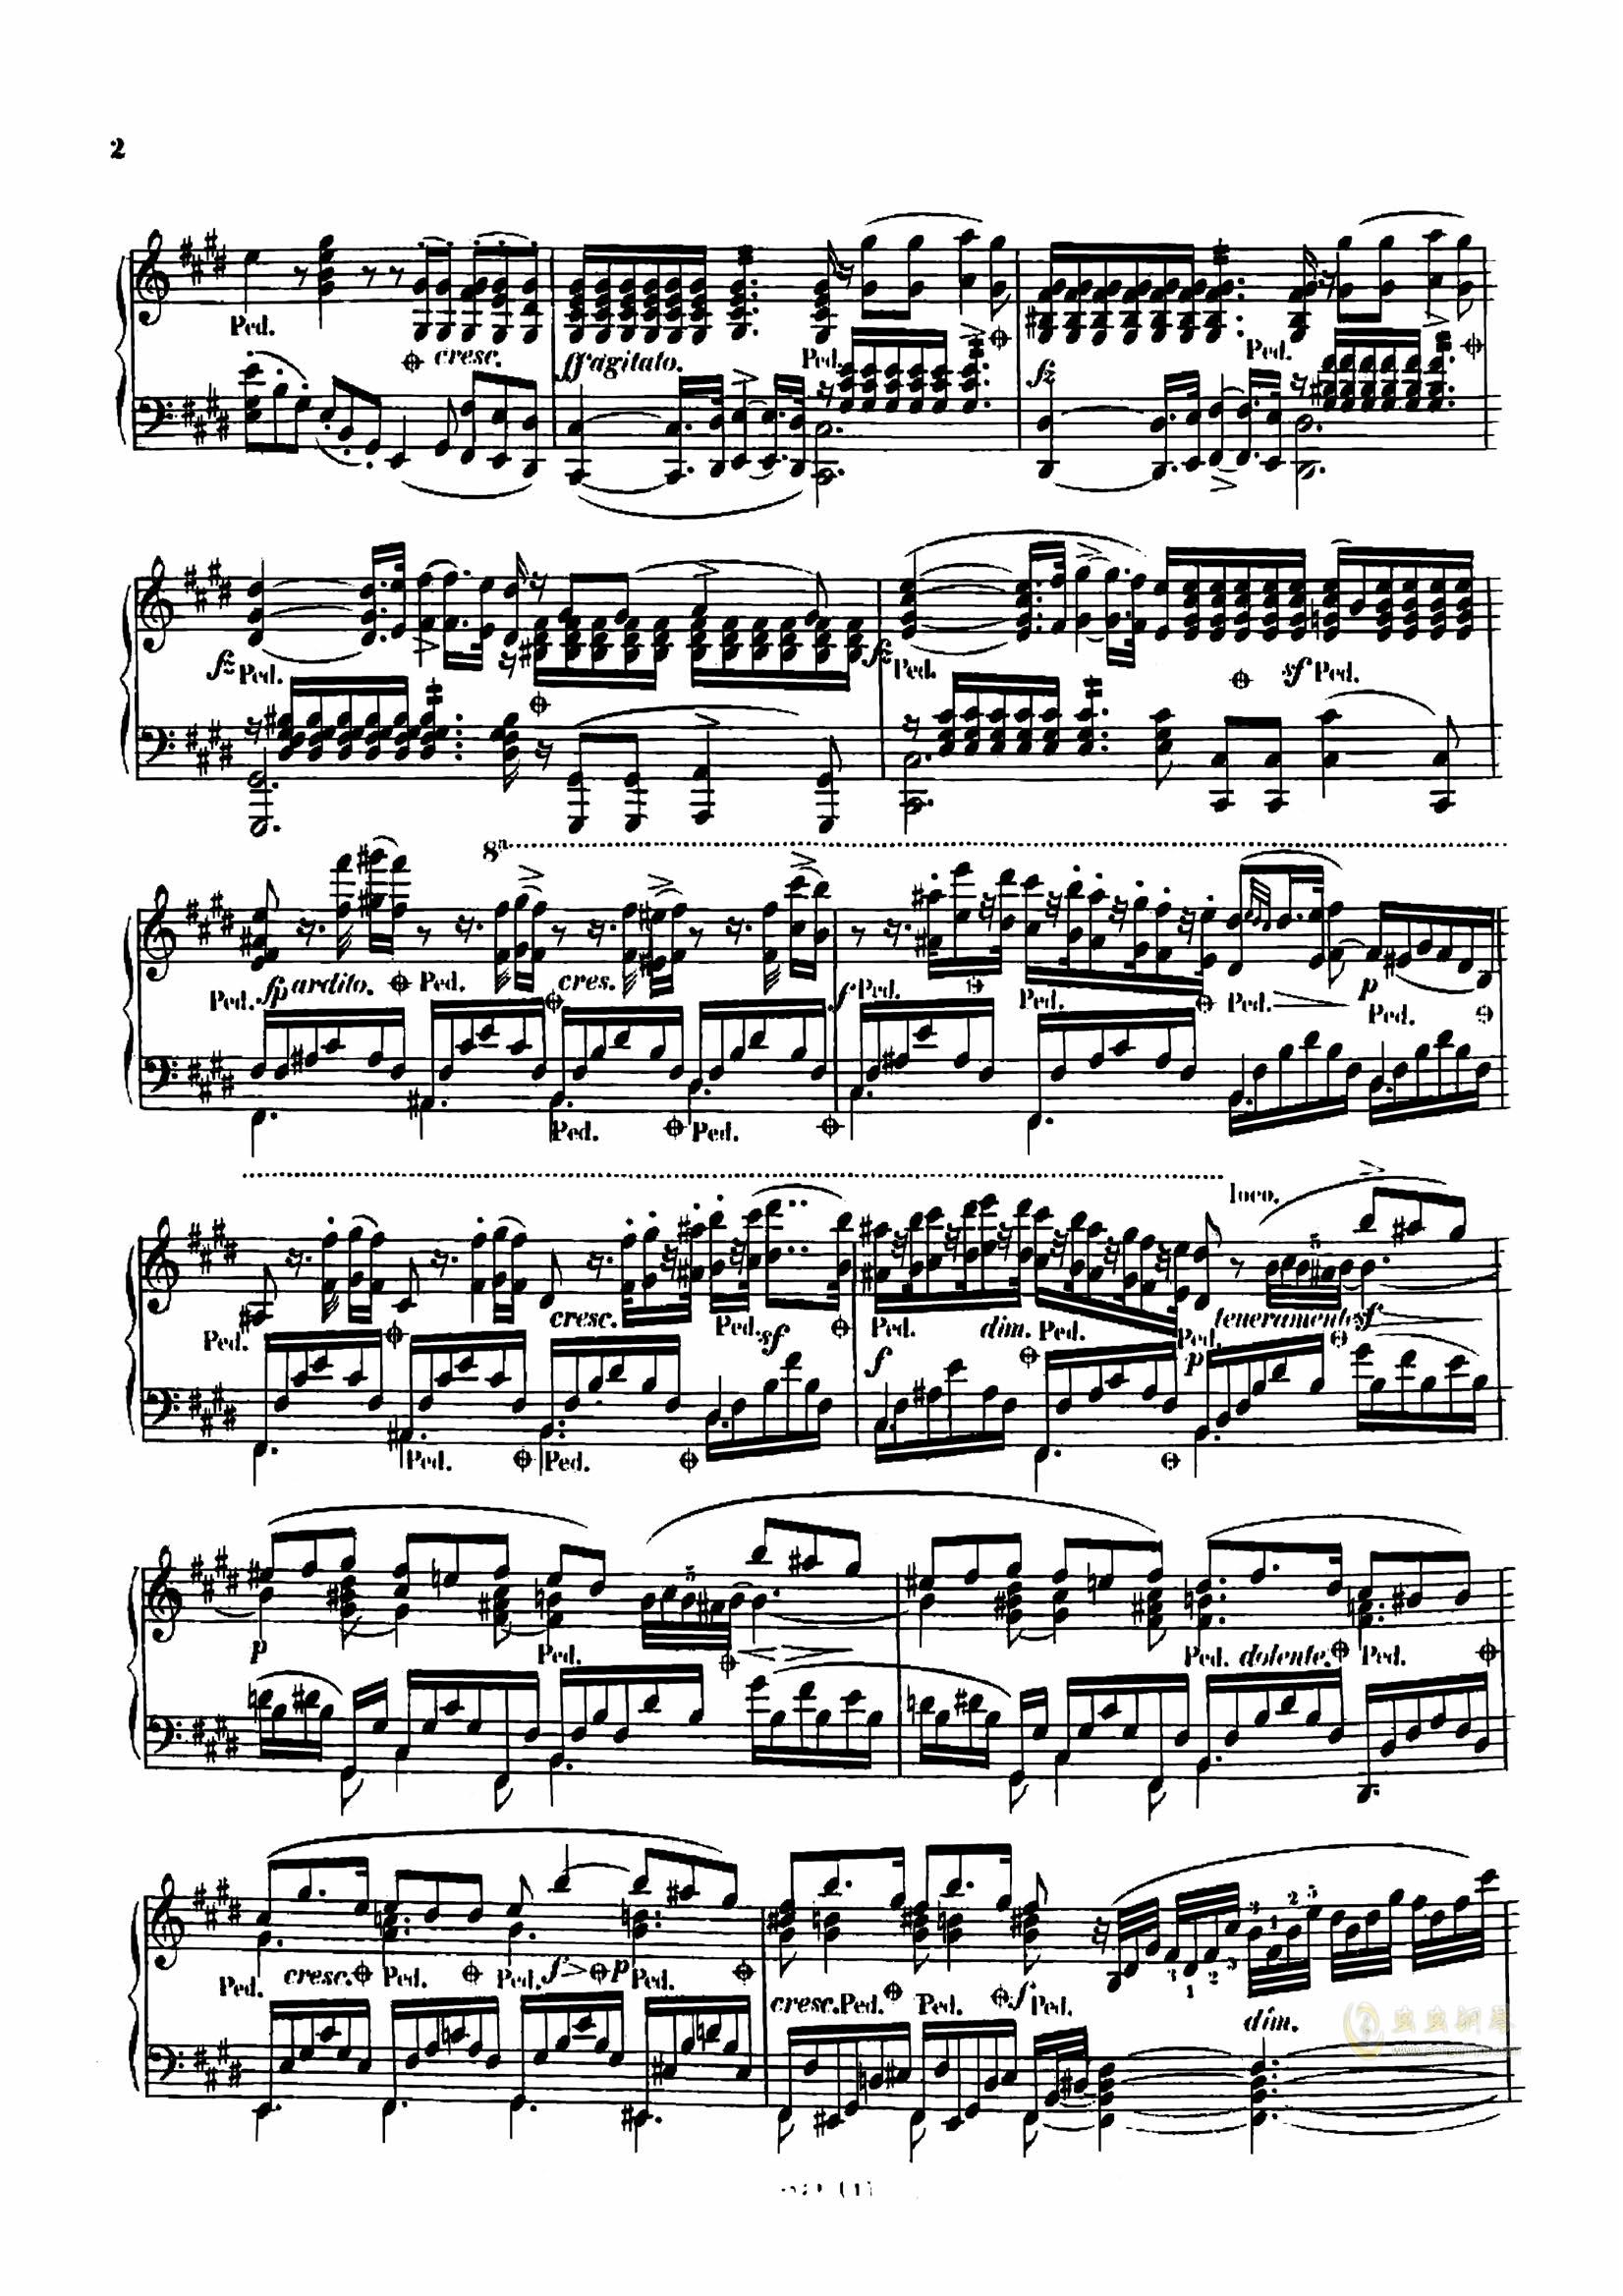 降D大调音乐会练习曲钢琴谱 第3页